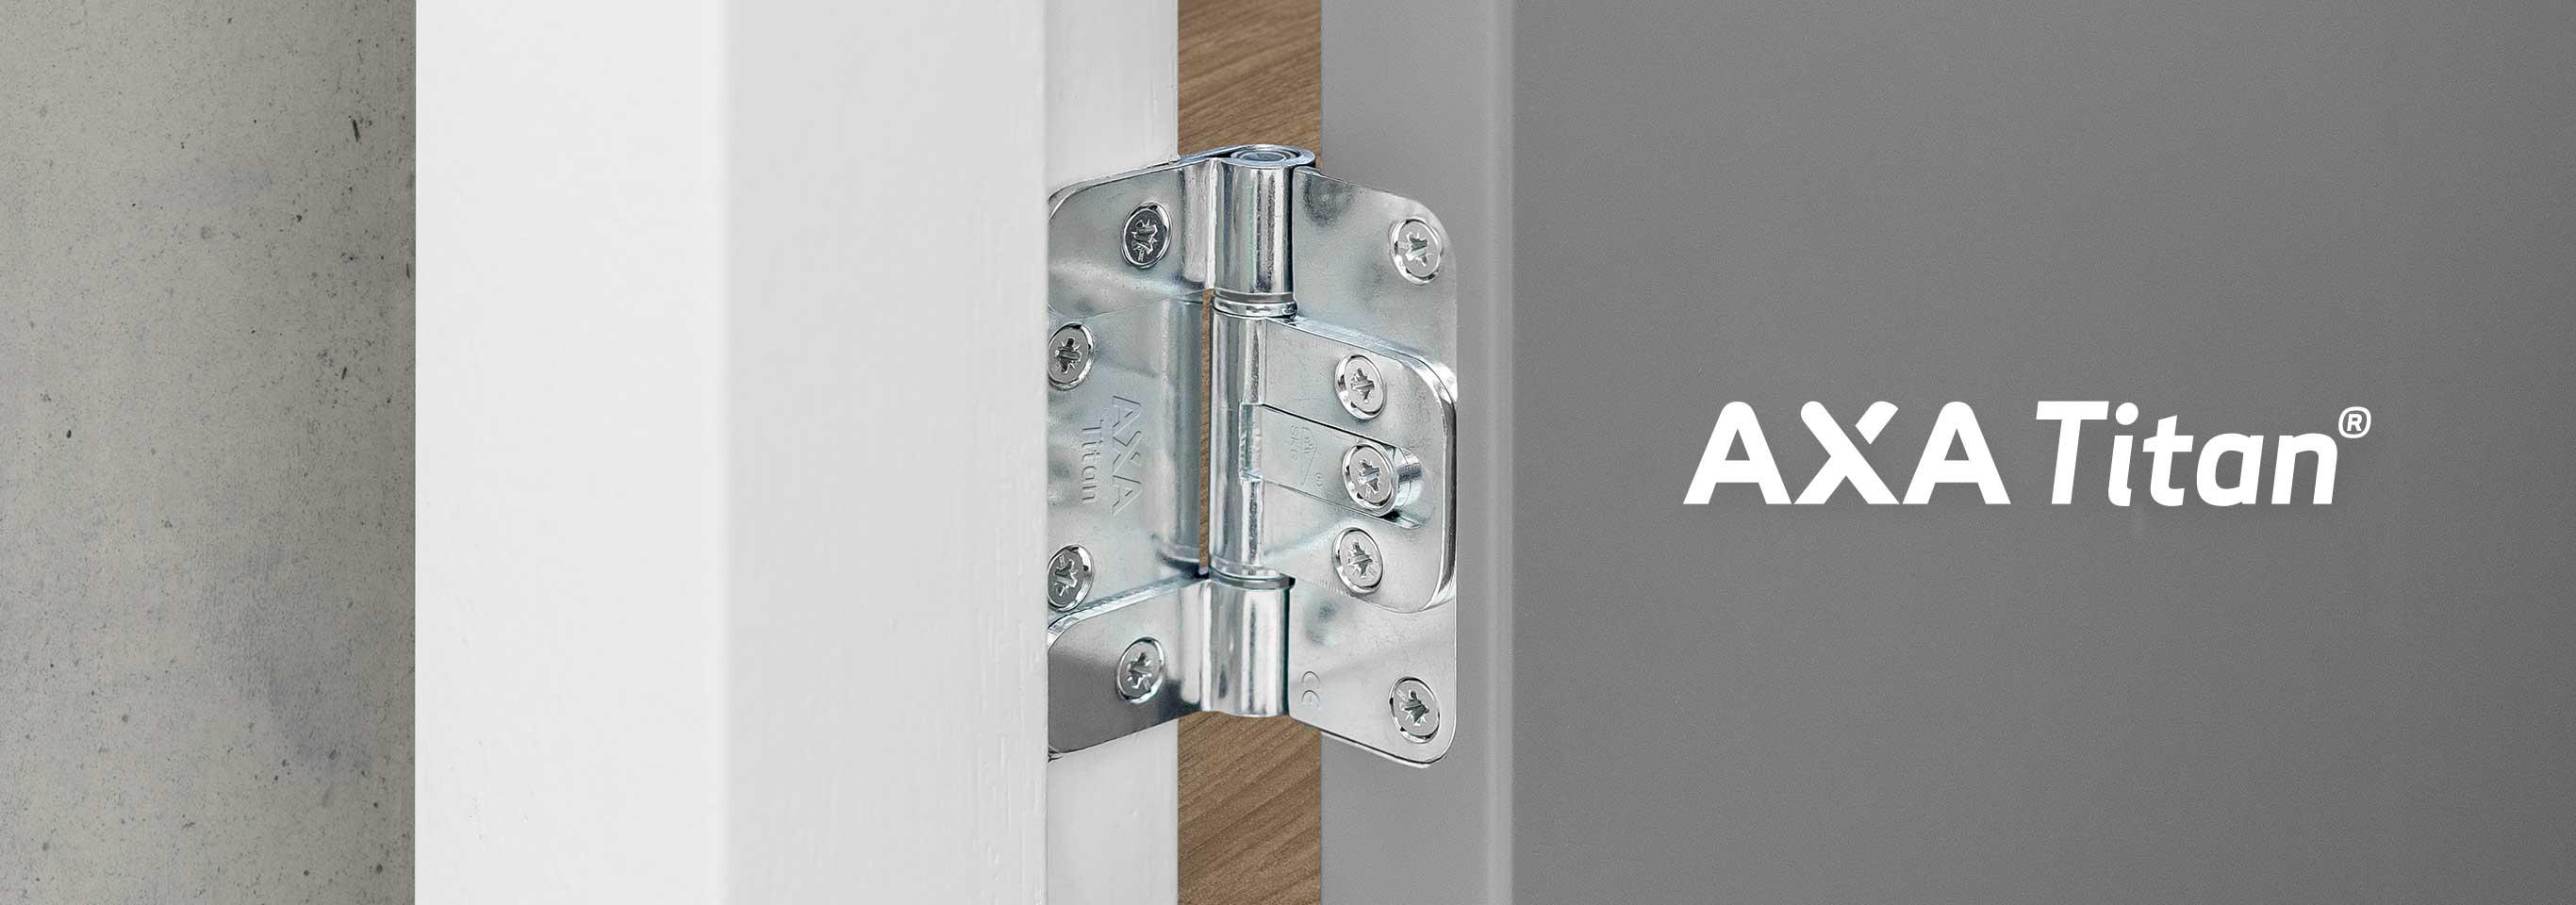 AXA Titan® De nieuwe generatie scharnieren